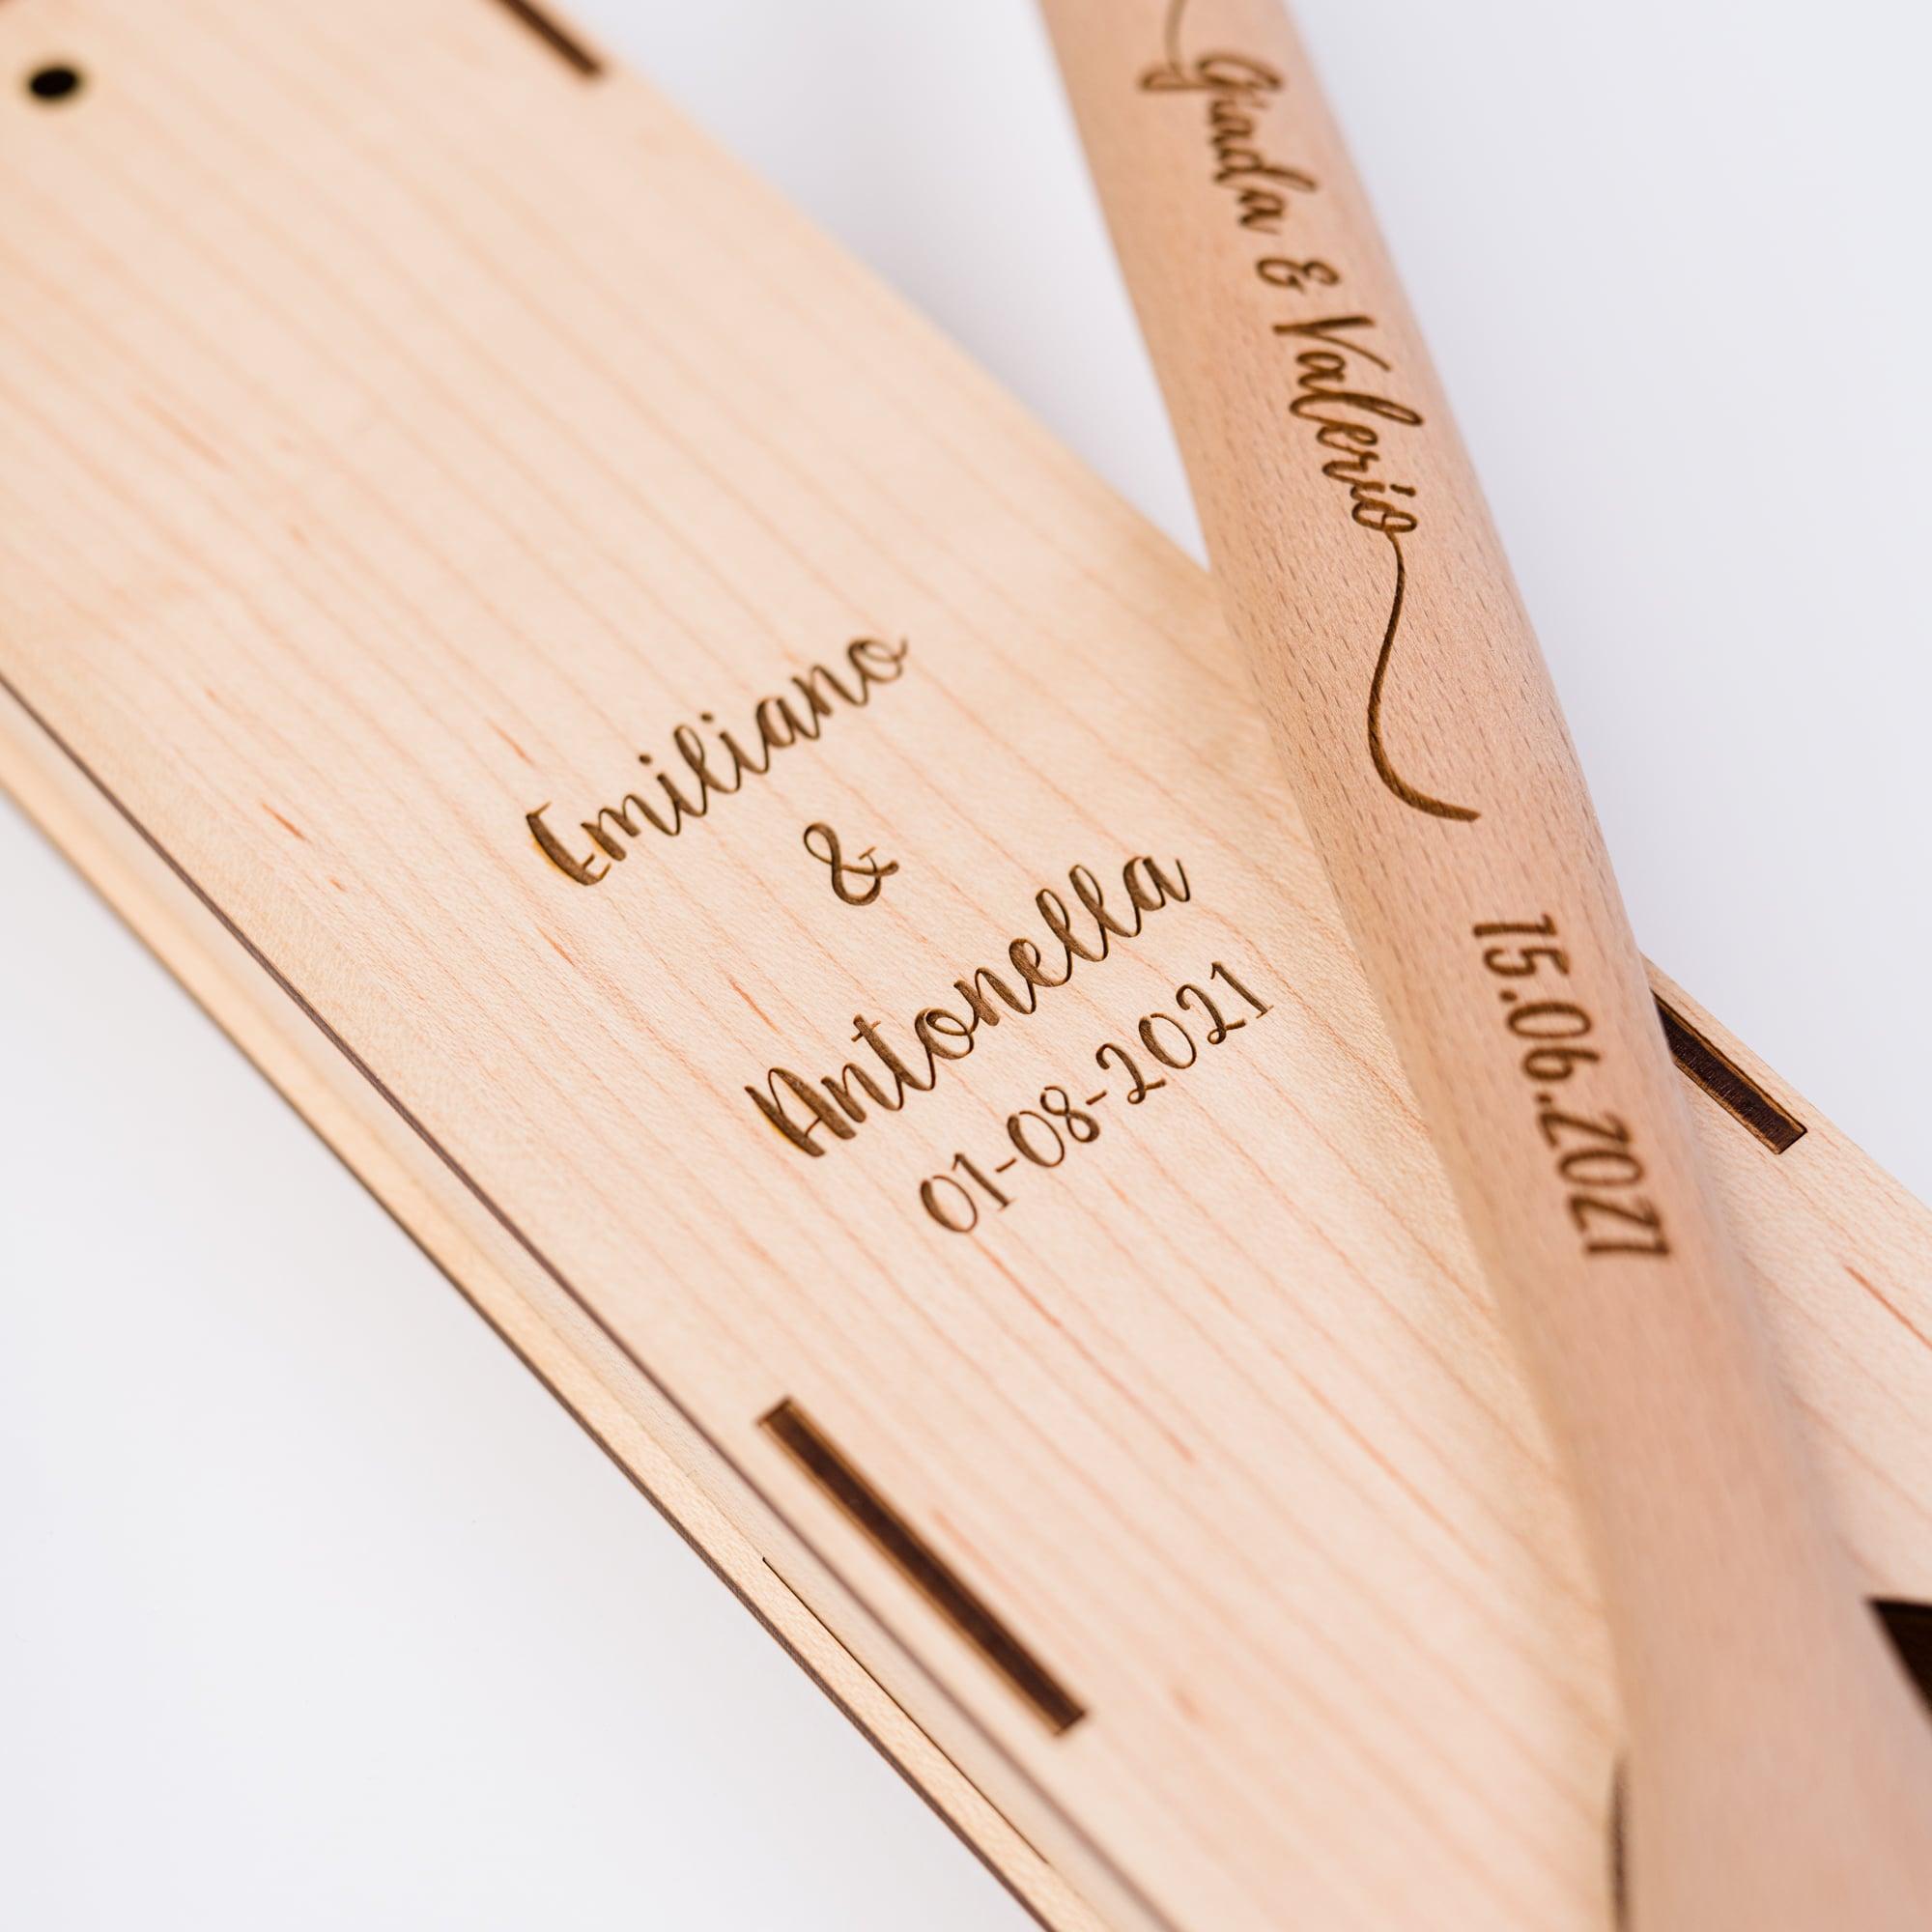 Cucchiarella e custodia in legno con incisione per matrimonio